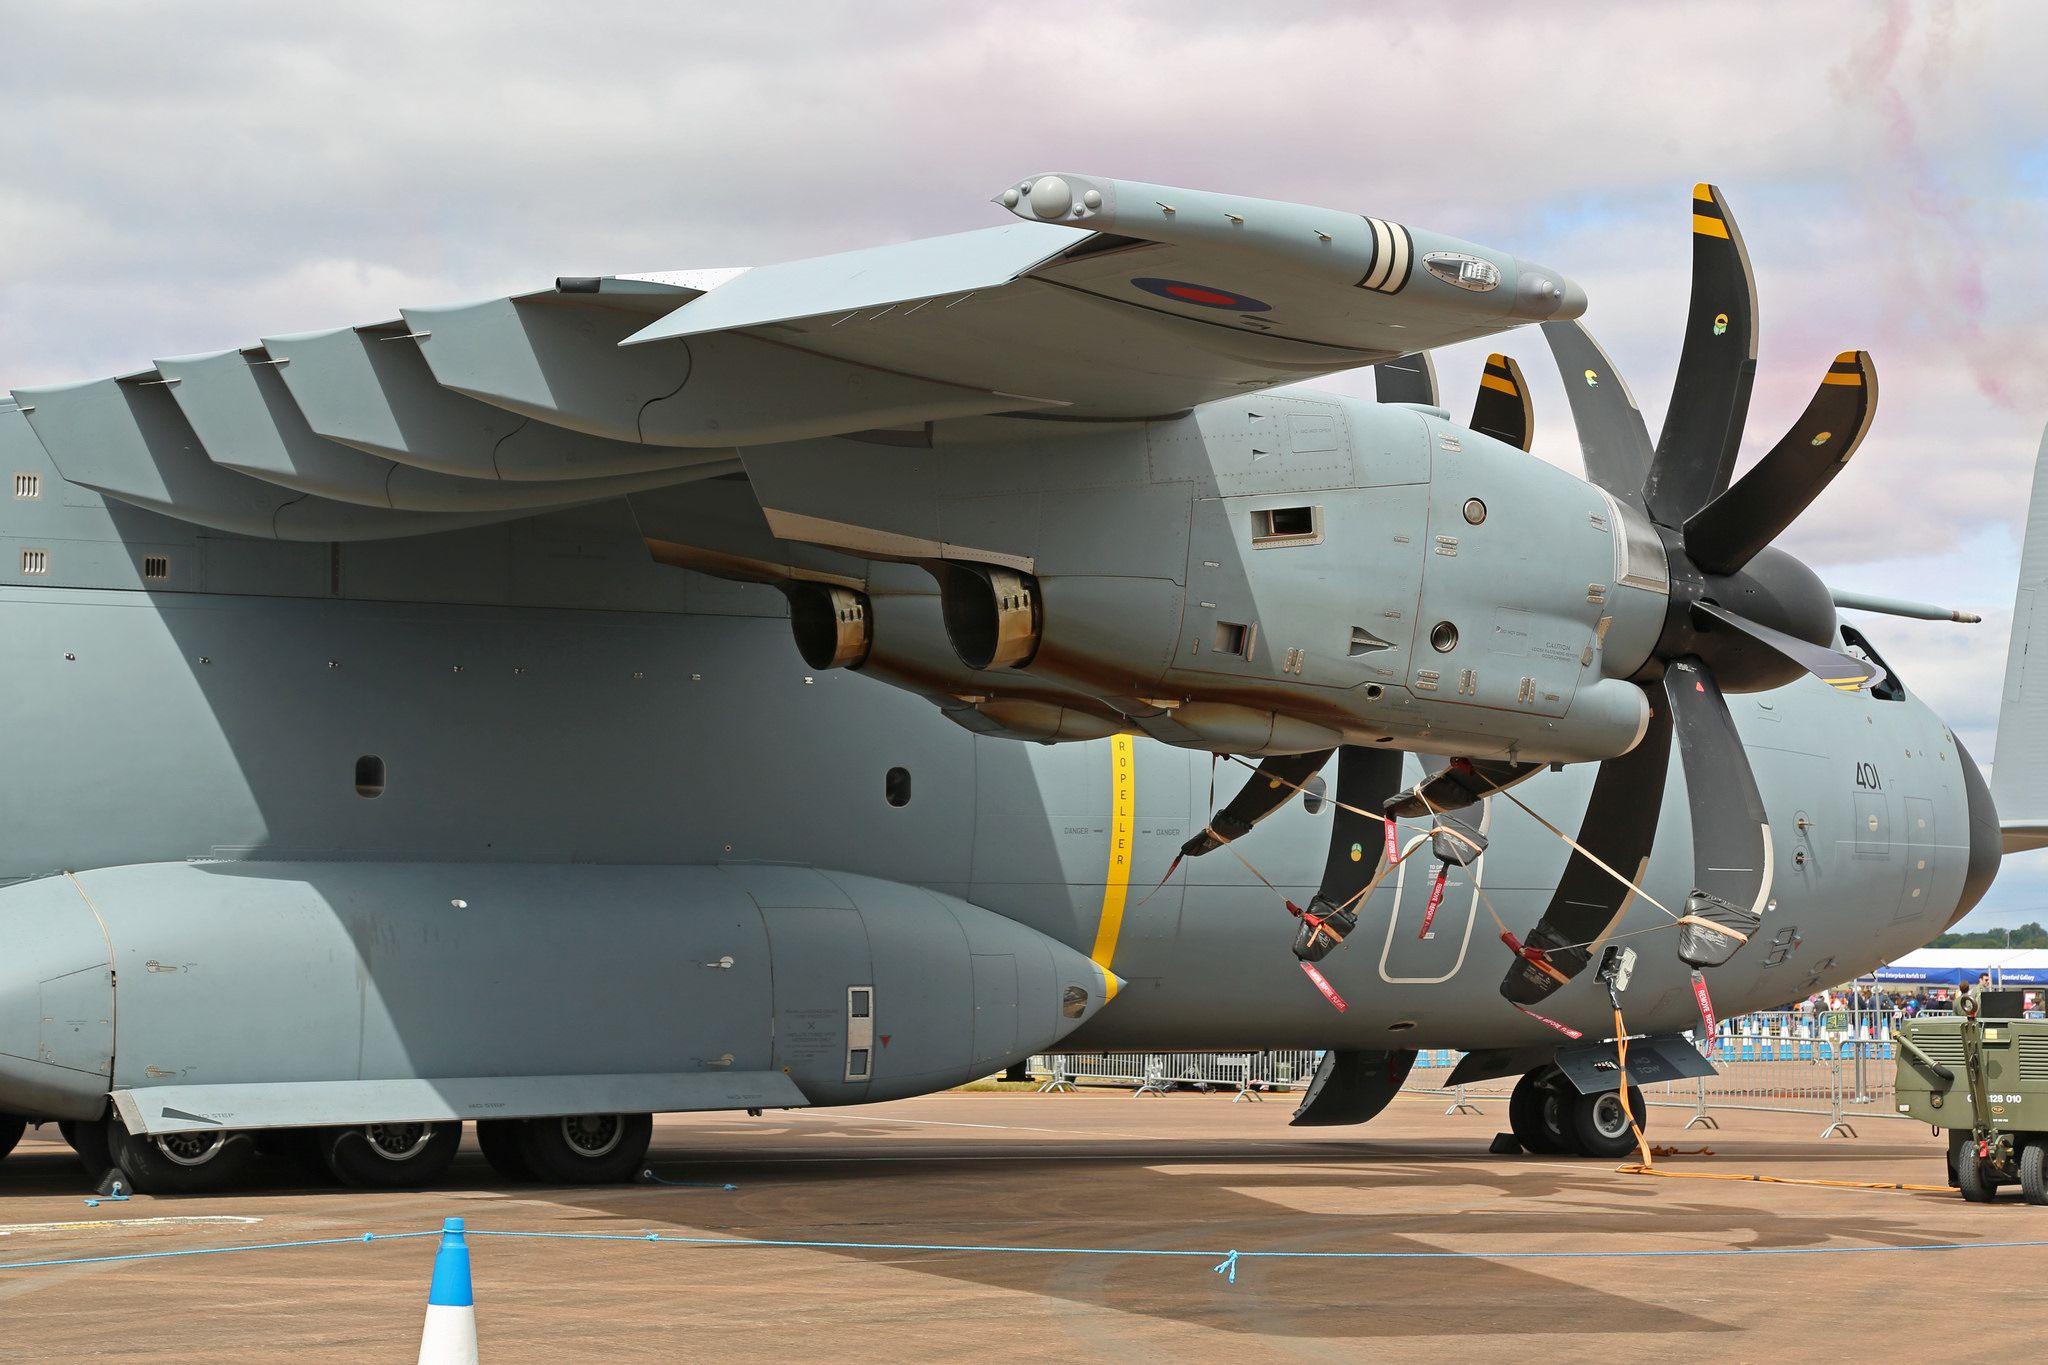 ZM401 Airbus A400M Atlas C1 Royal Air Force Closeup RAF